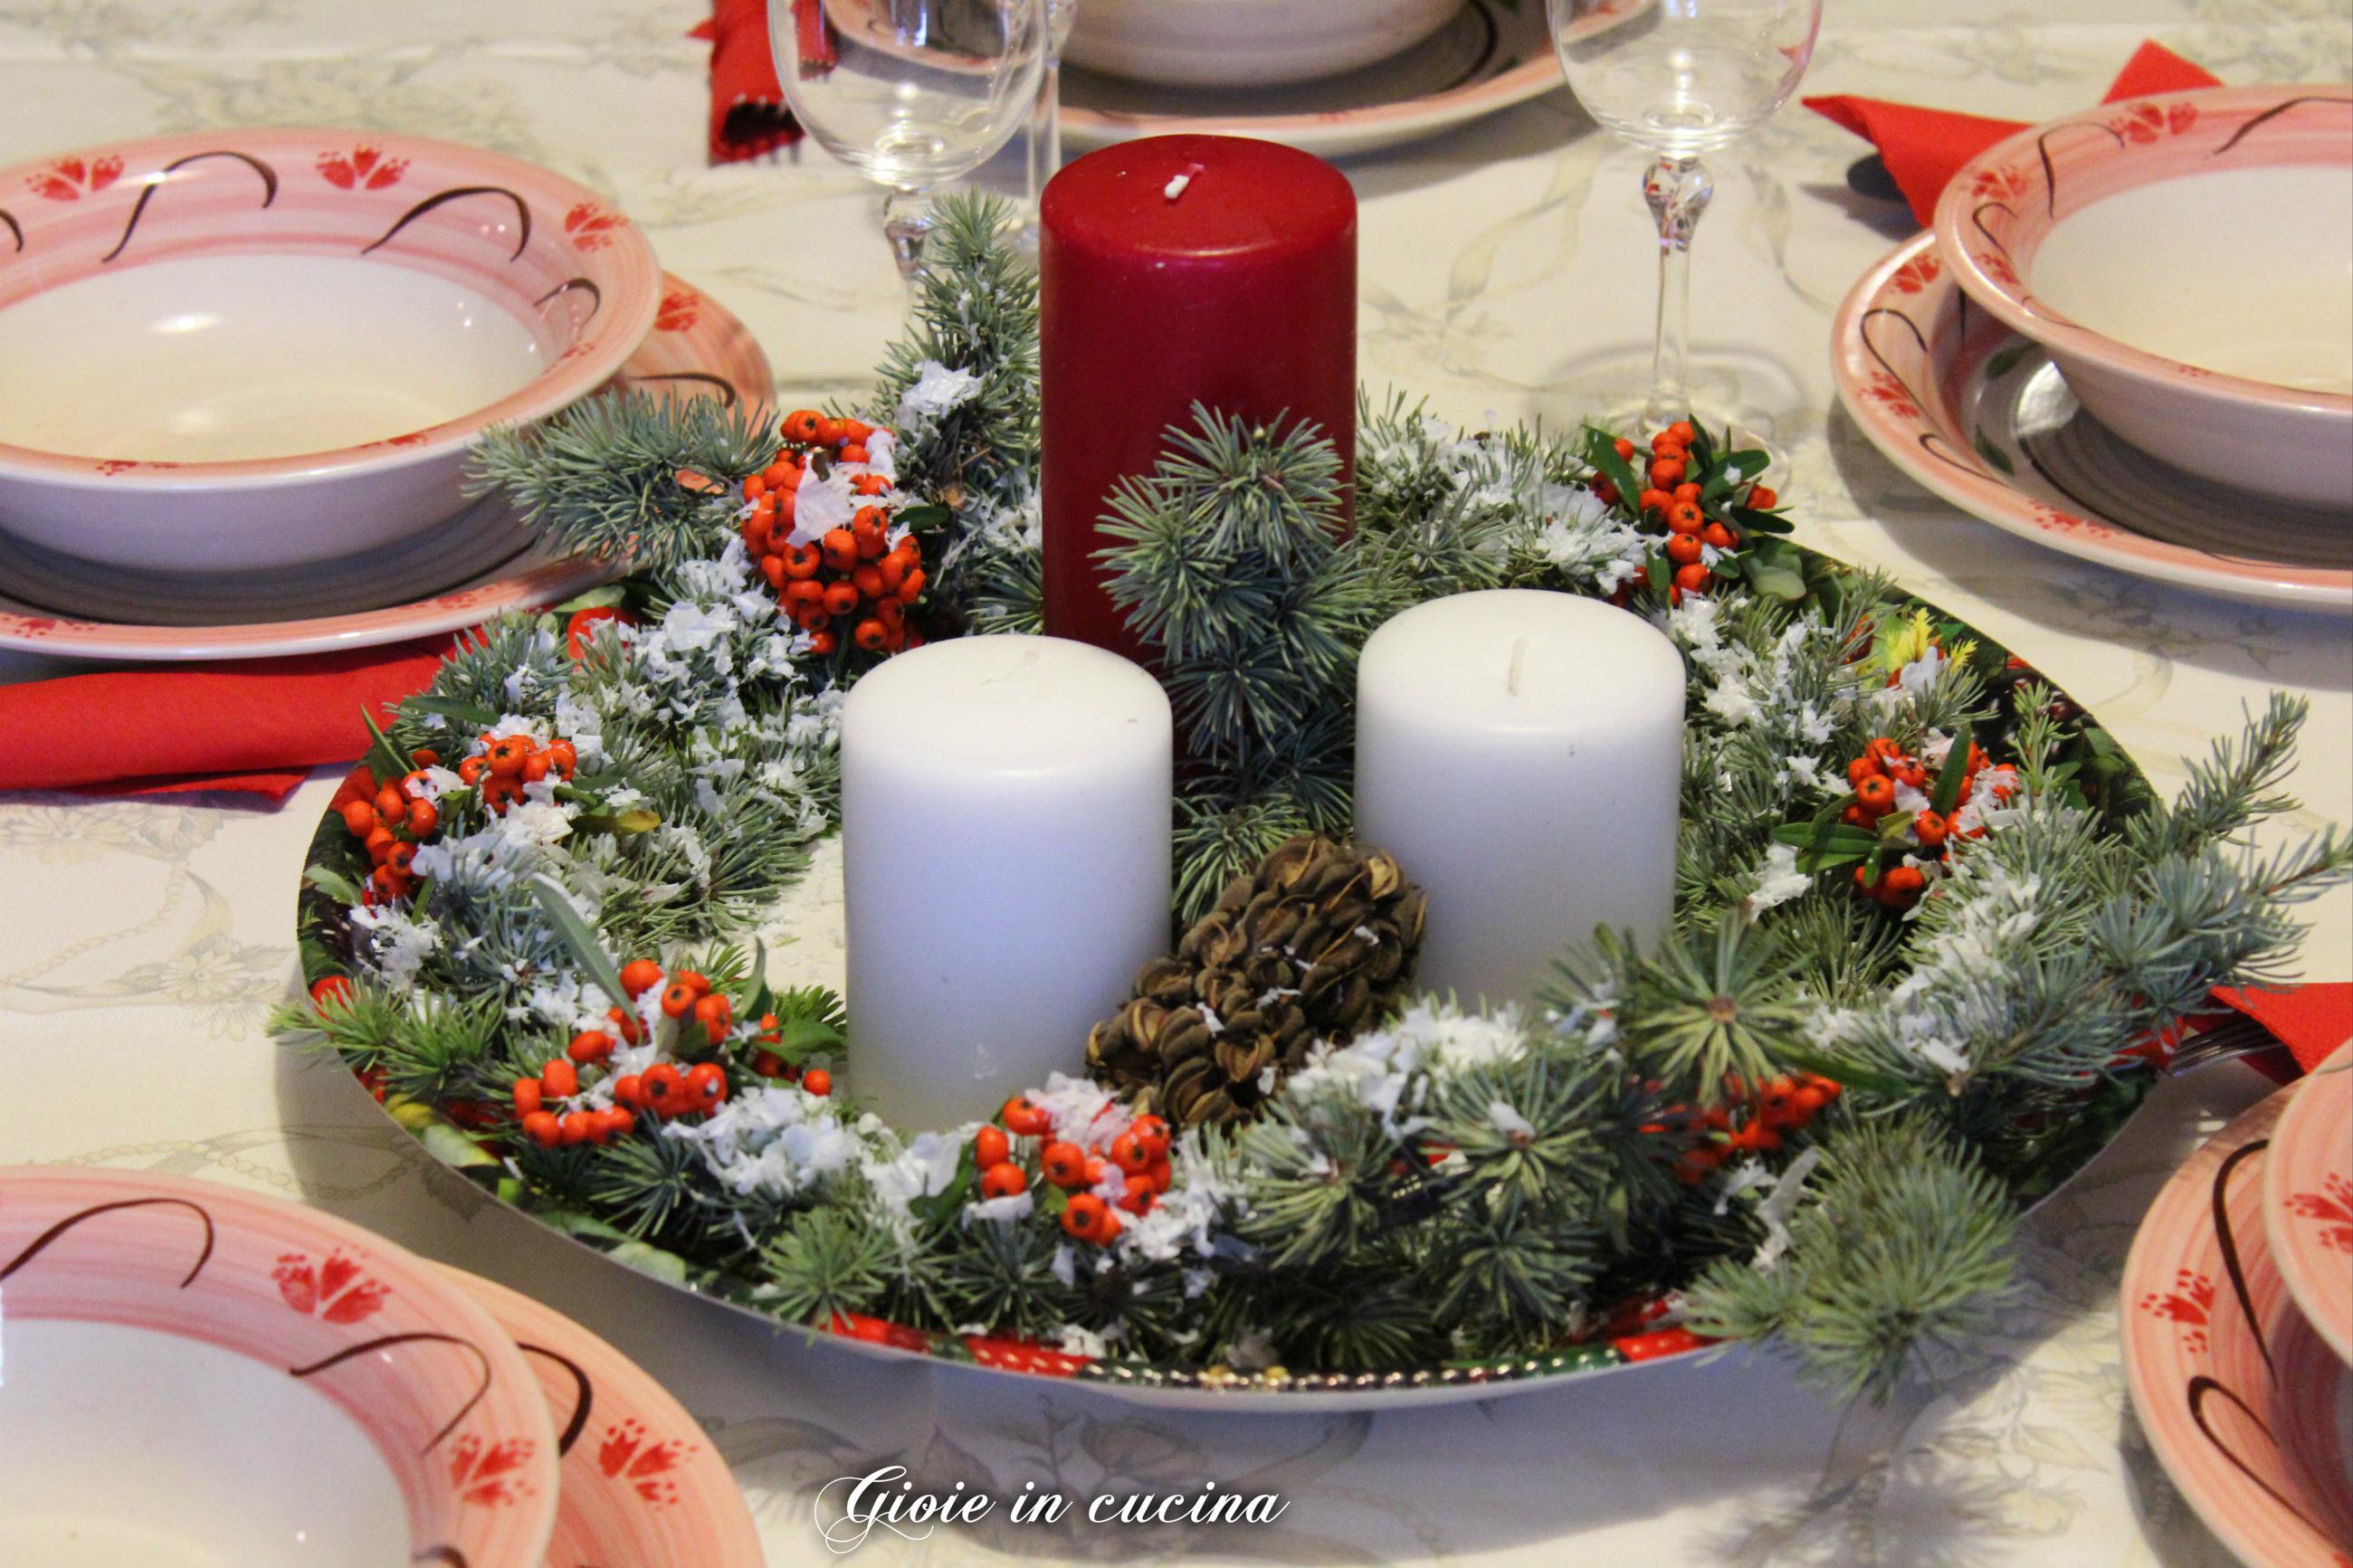 Centro tavola natalizio fai da te gioie in cucina - Centro tavola natalizio fai da te ...